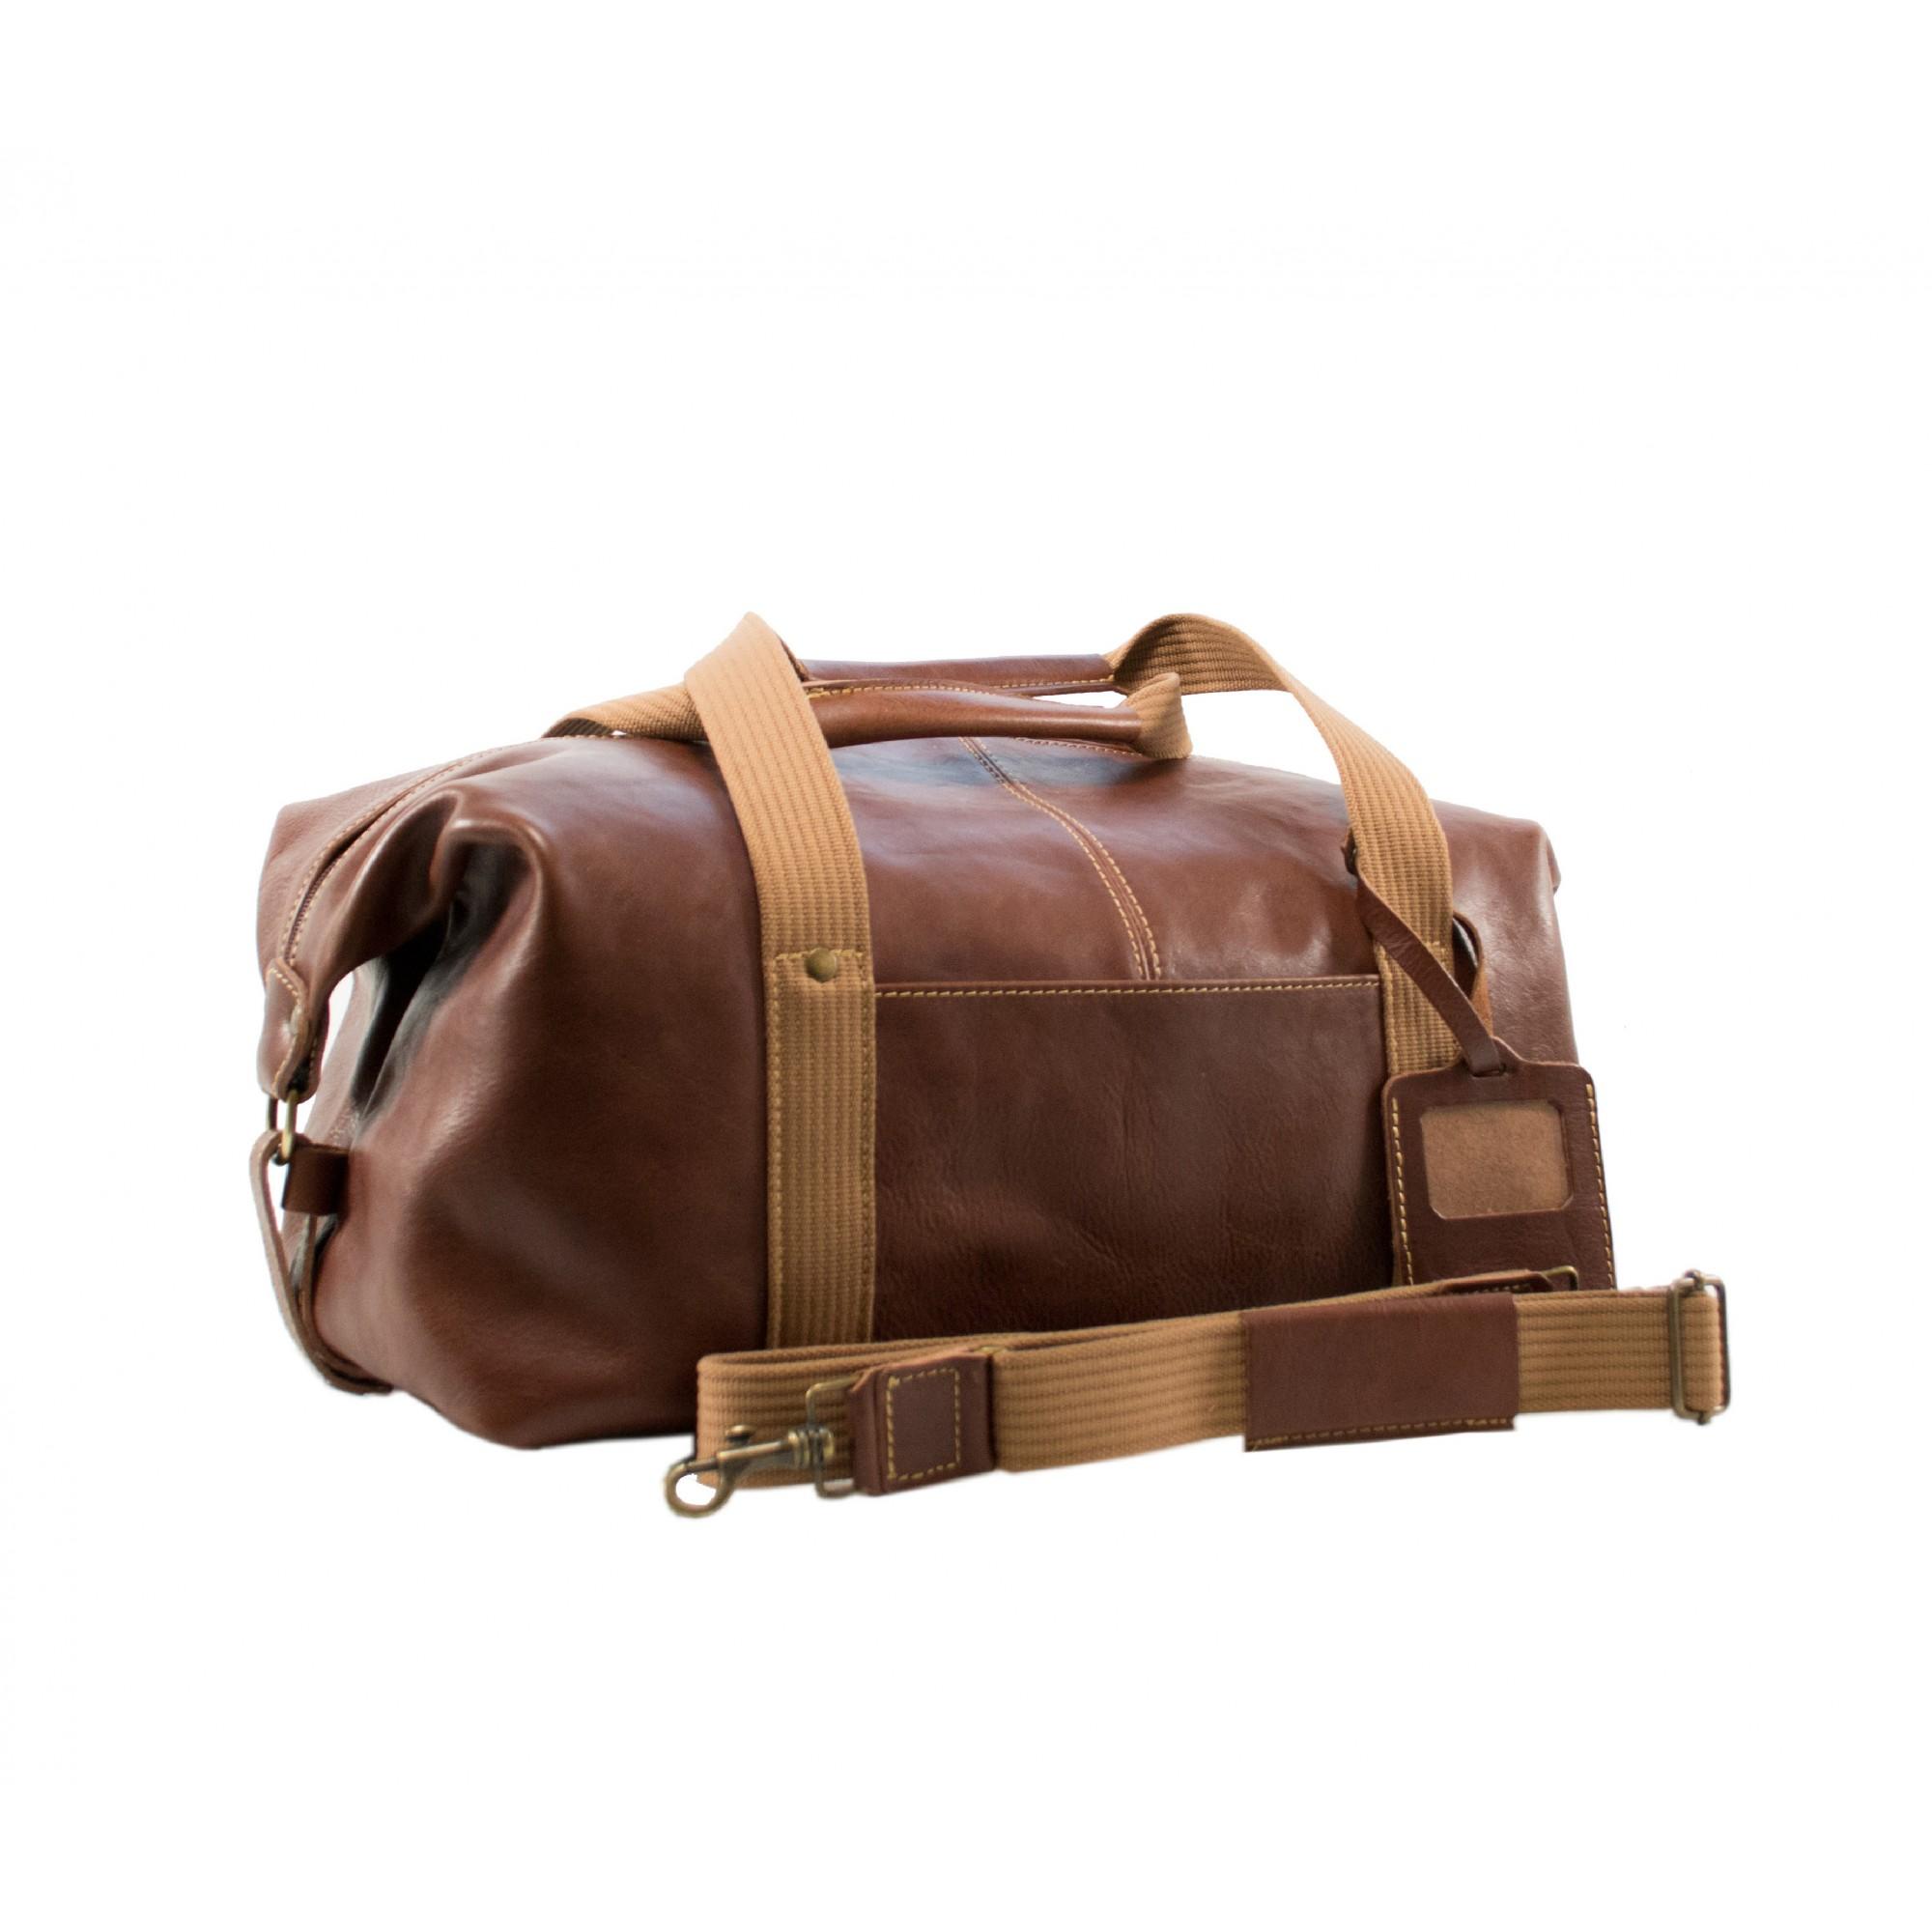 57c69a7c69 ▷ Avis Sac de voyage baroudeur ▷ Trouver le Meilleur produit ...